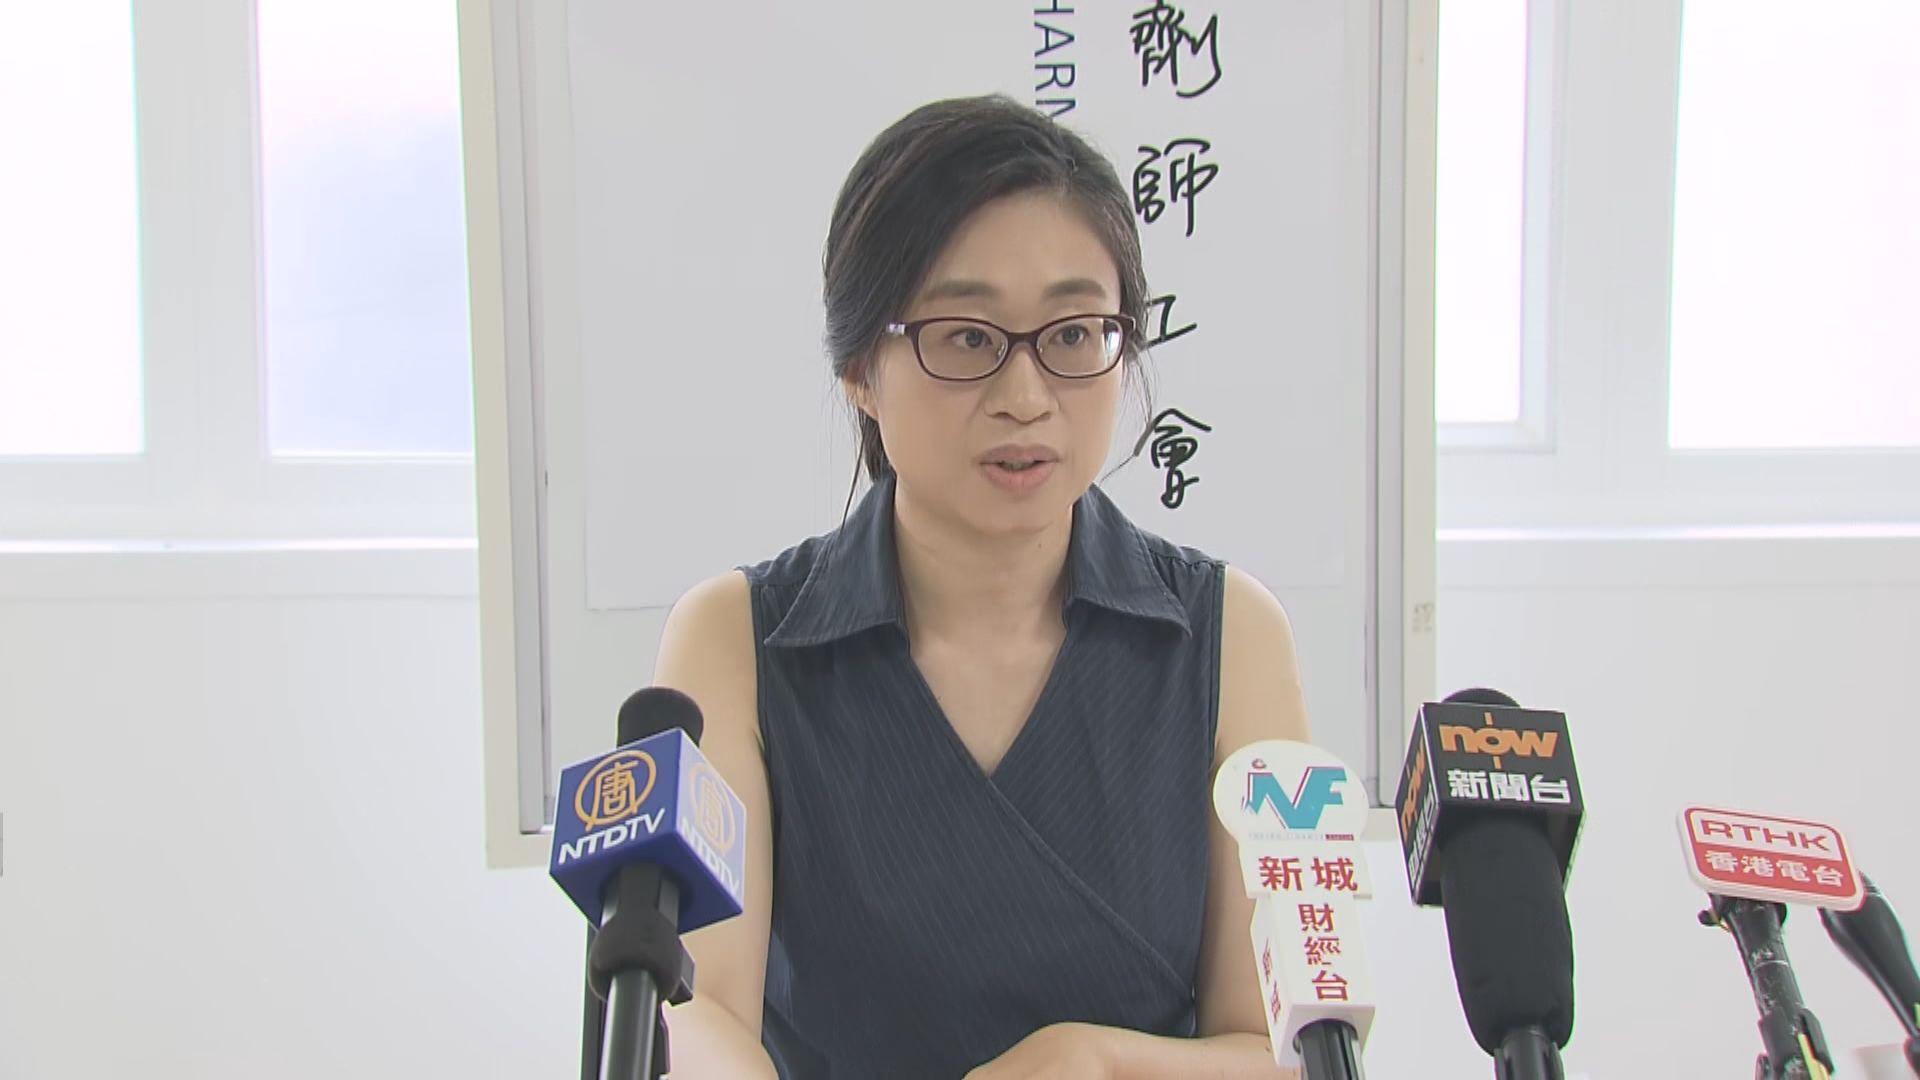 藥劑師工會促警察停用化學武器及清洗葵芳站